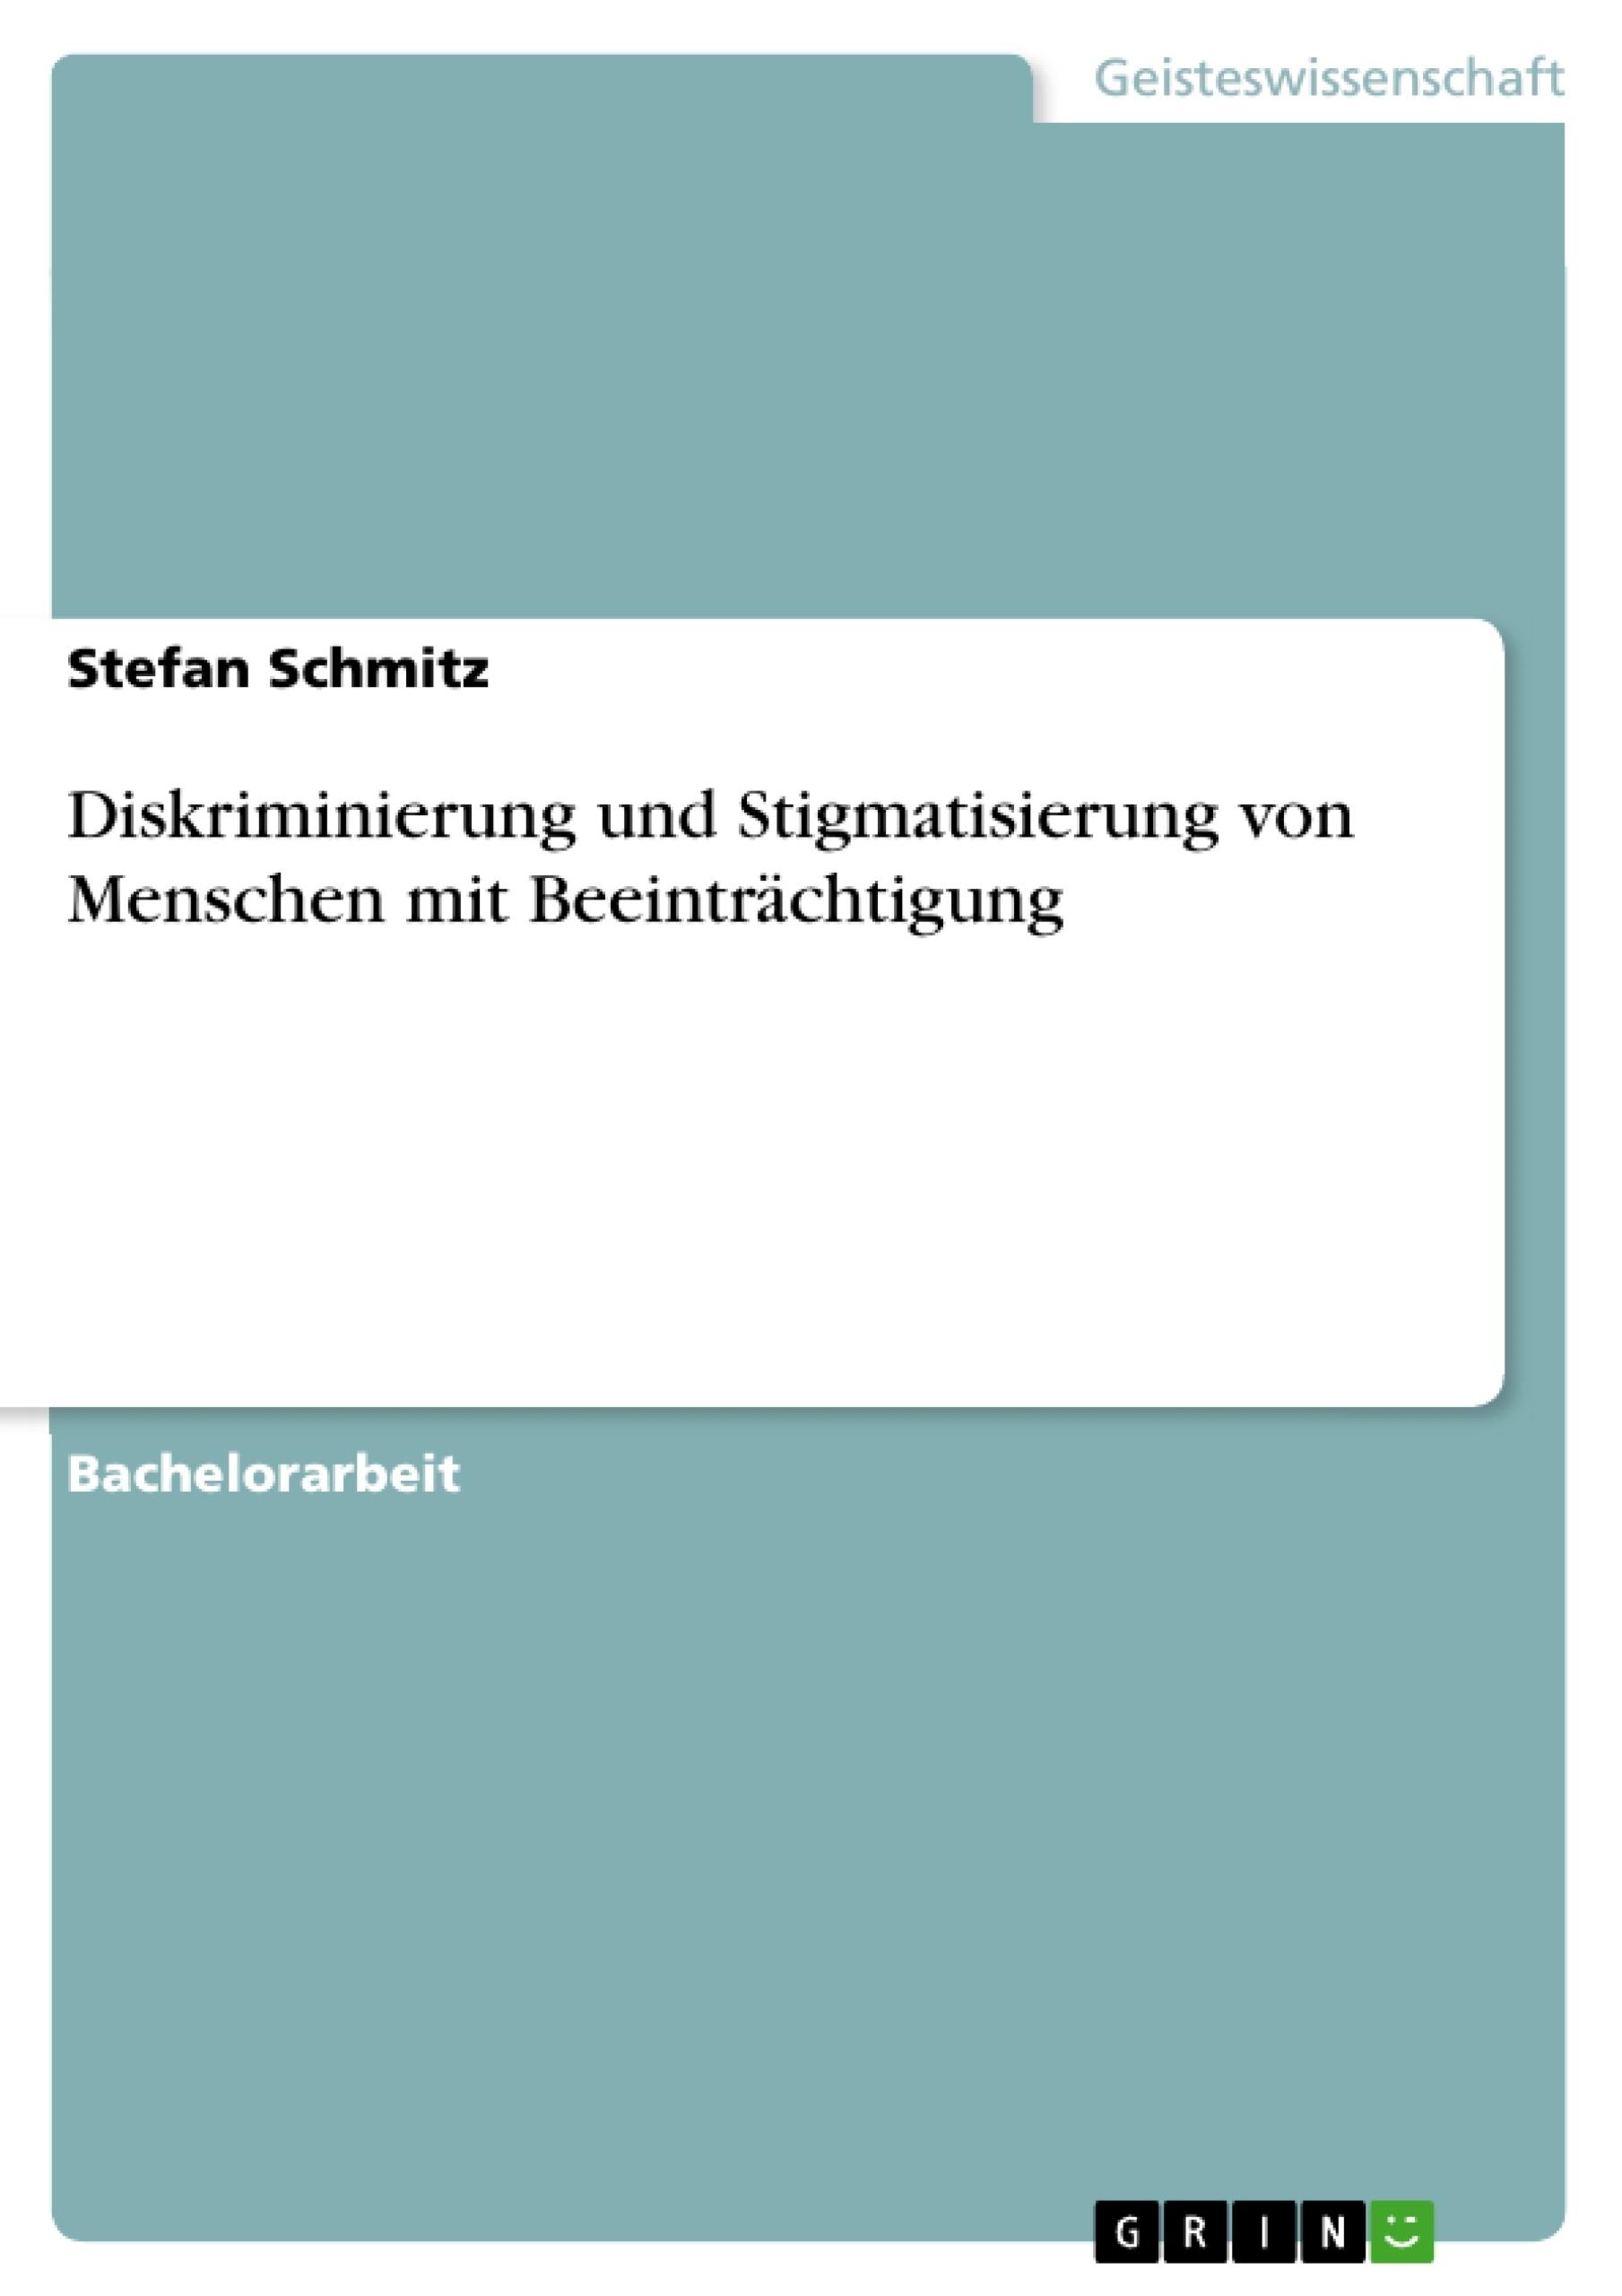 Titel: Diskriminierung und Stigmatisierung von Menschen mit Beeinträchtigung